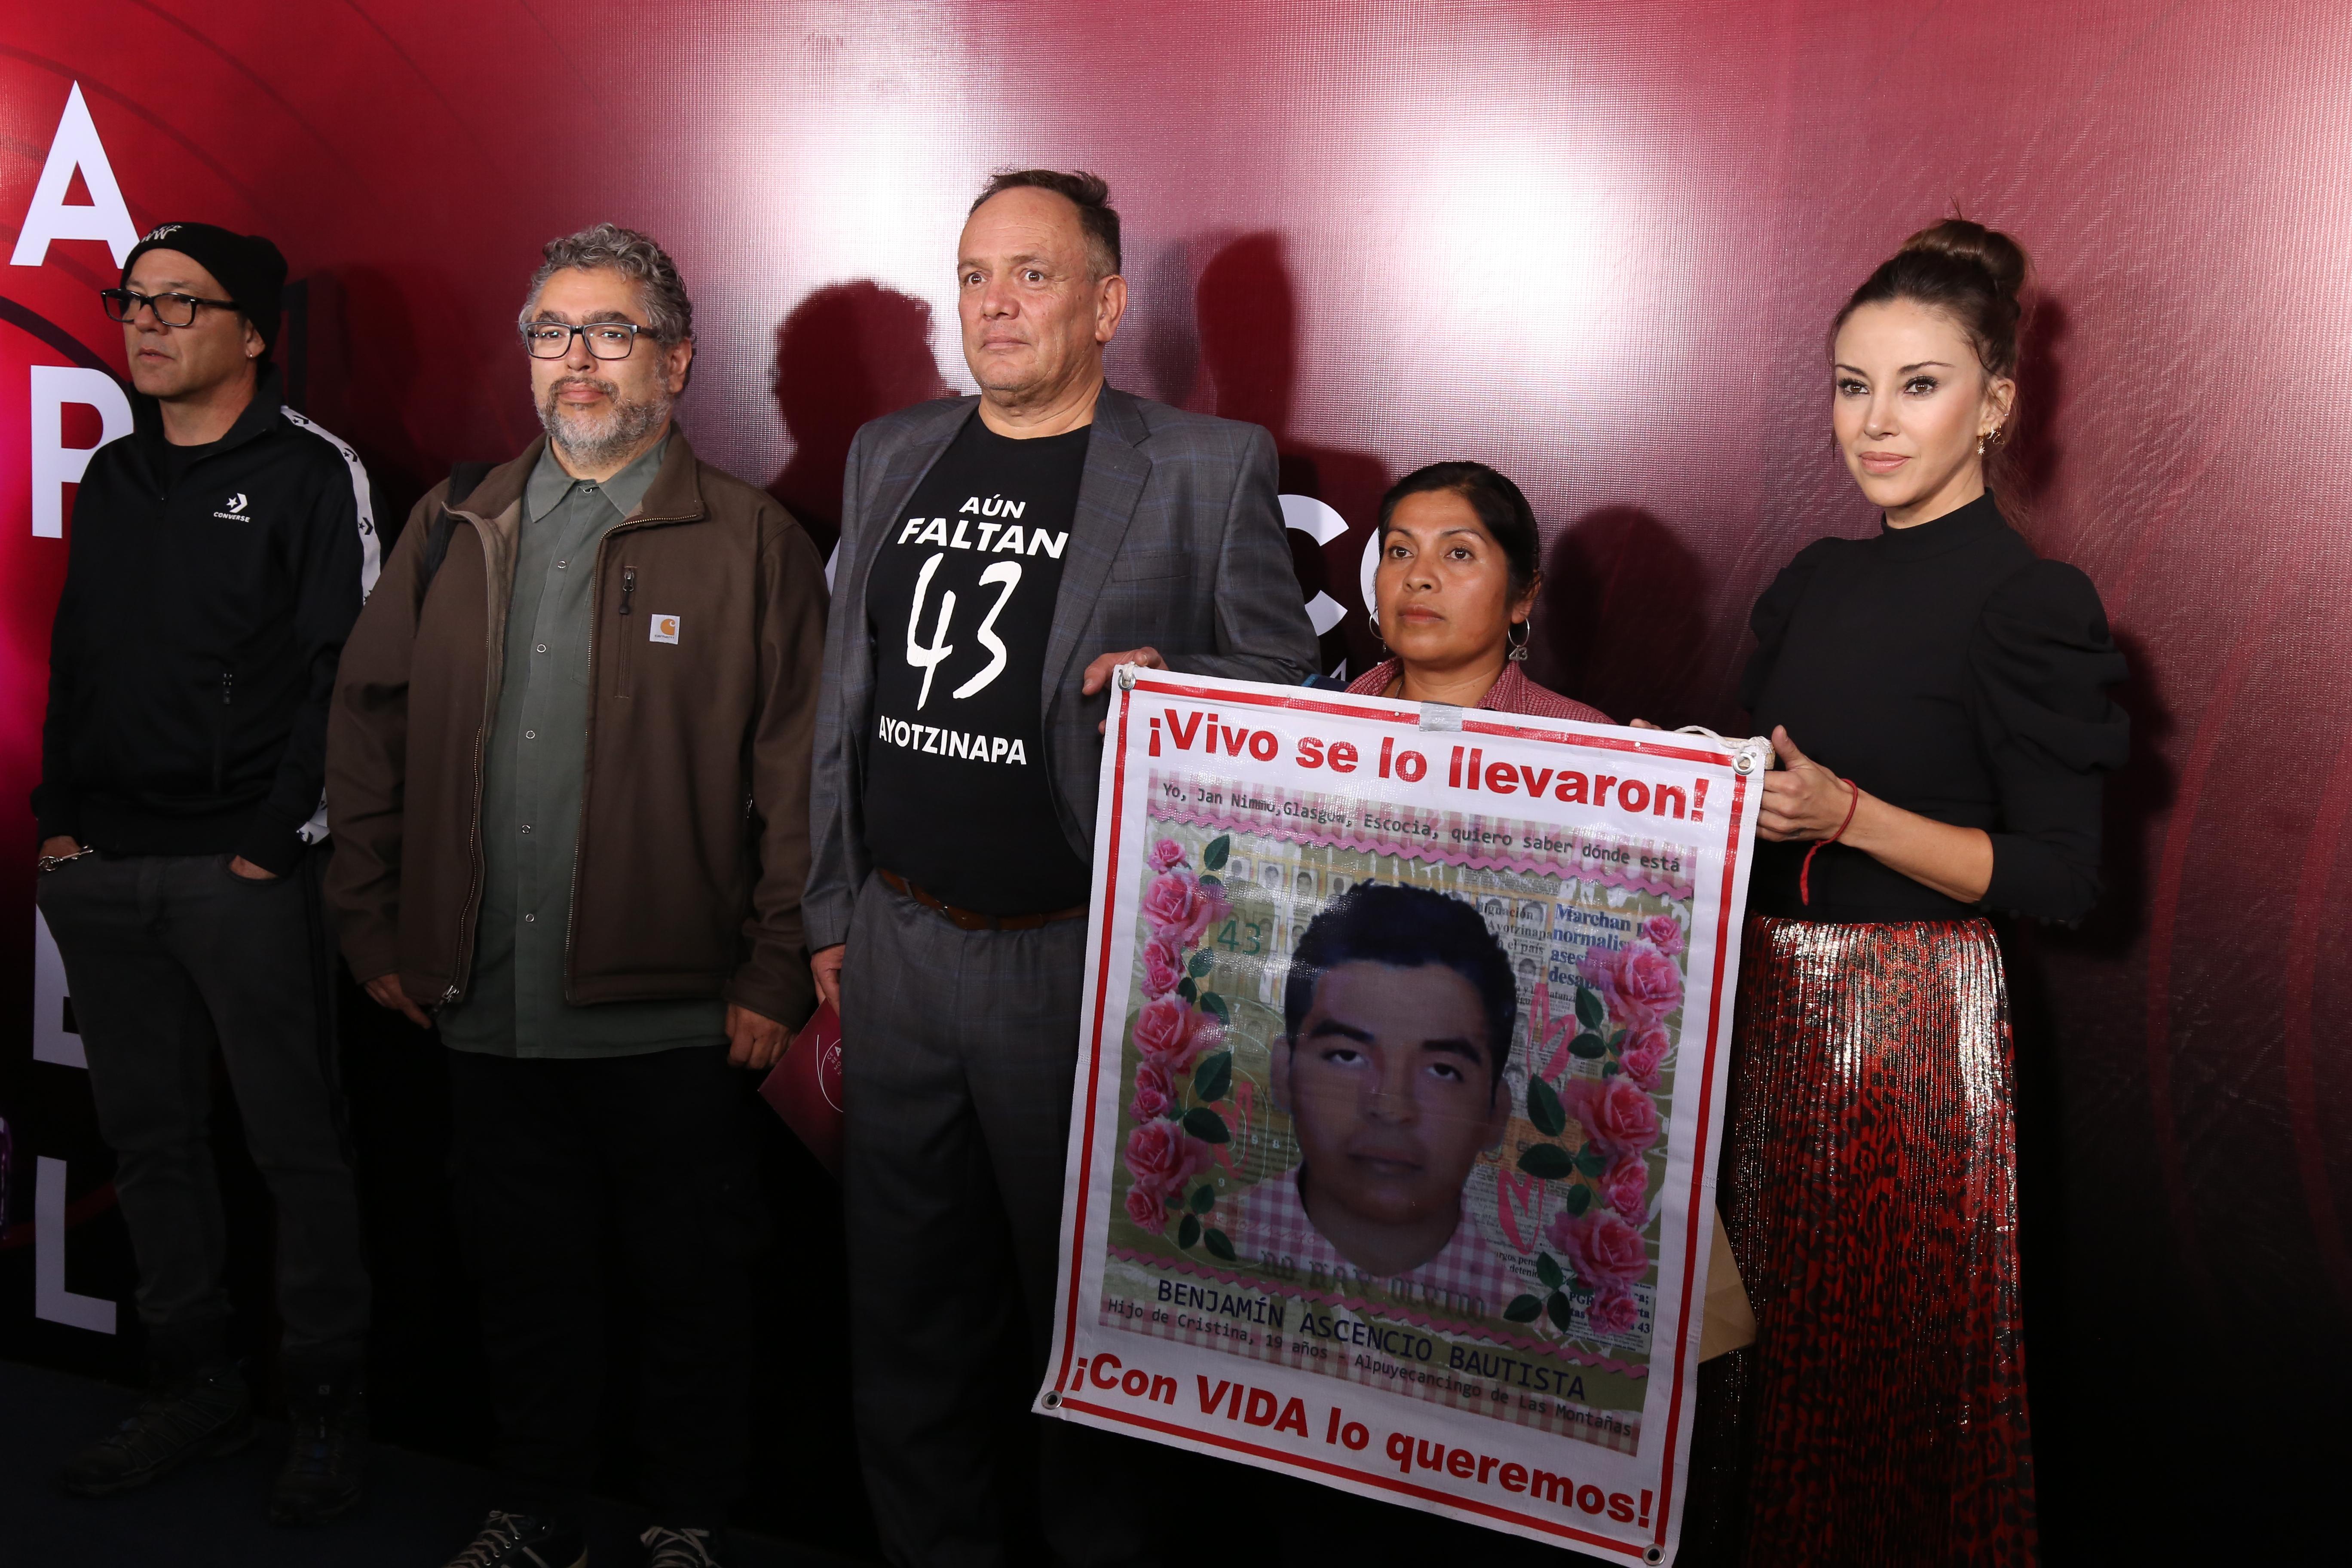 43 desaparecidos de Ayotzinapa (Foto: Juan Vicente Manrique/Infobae)